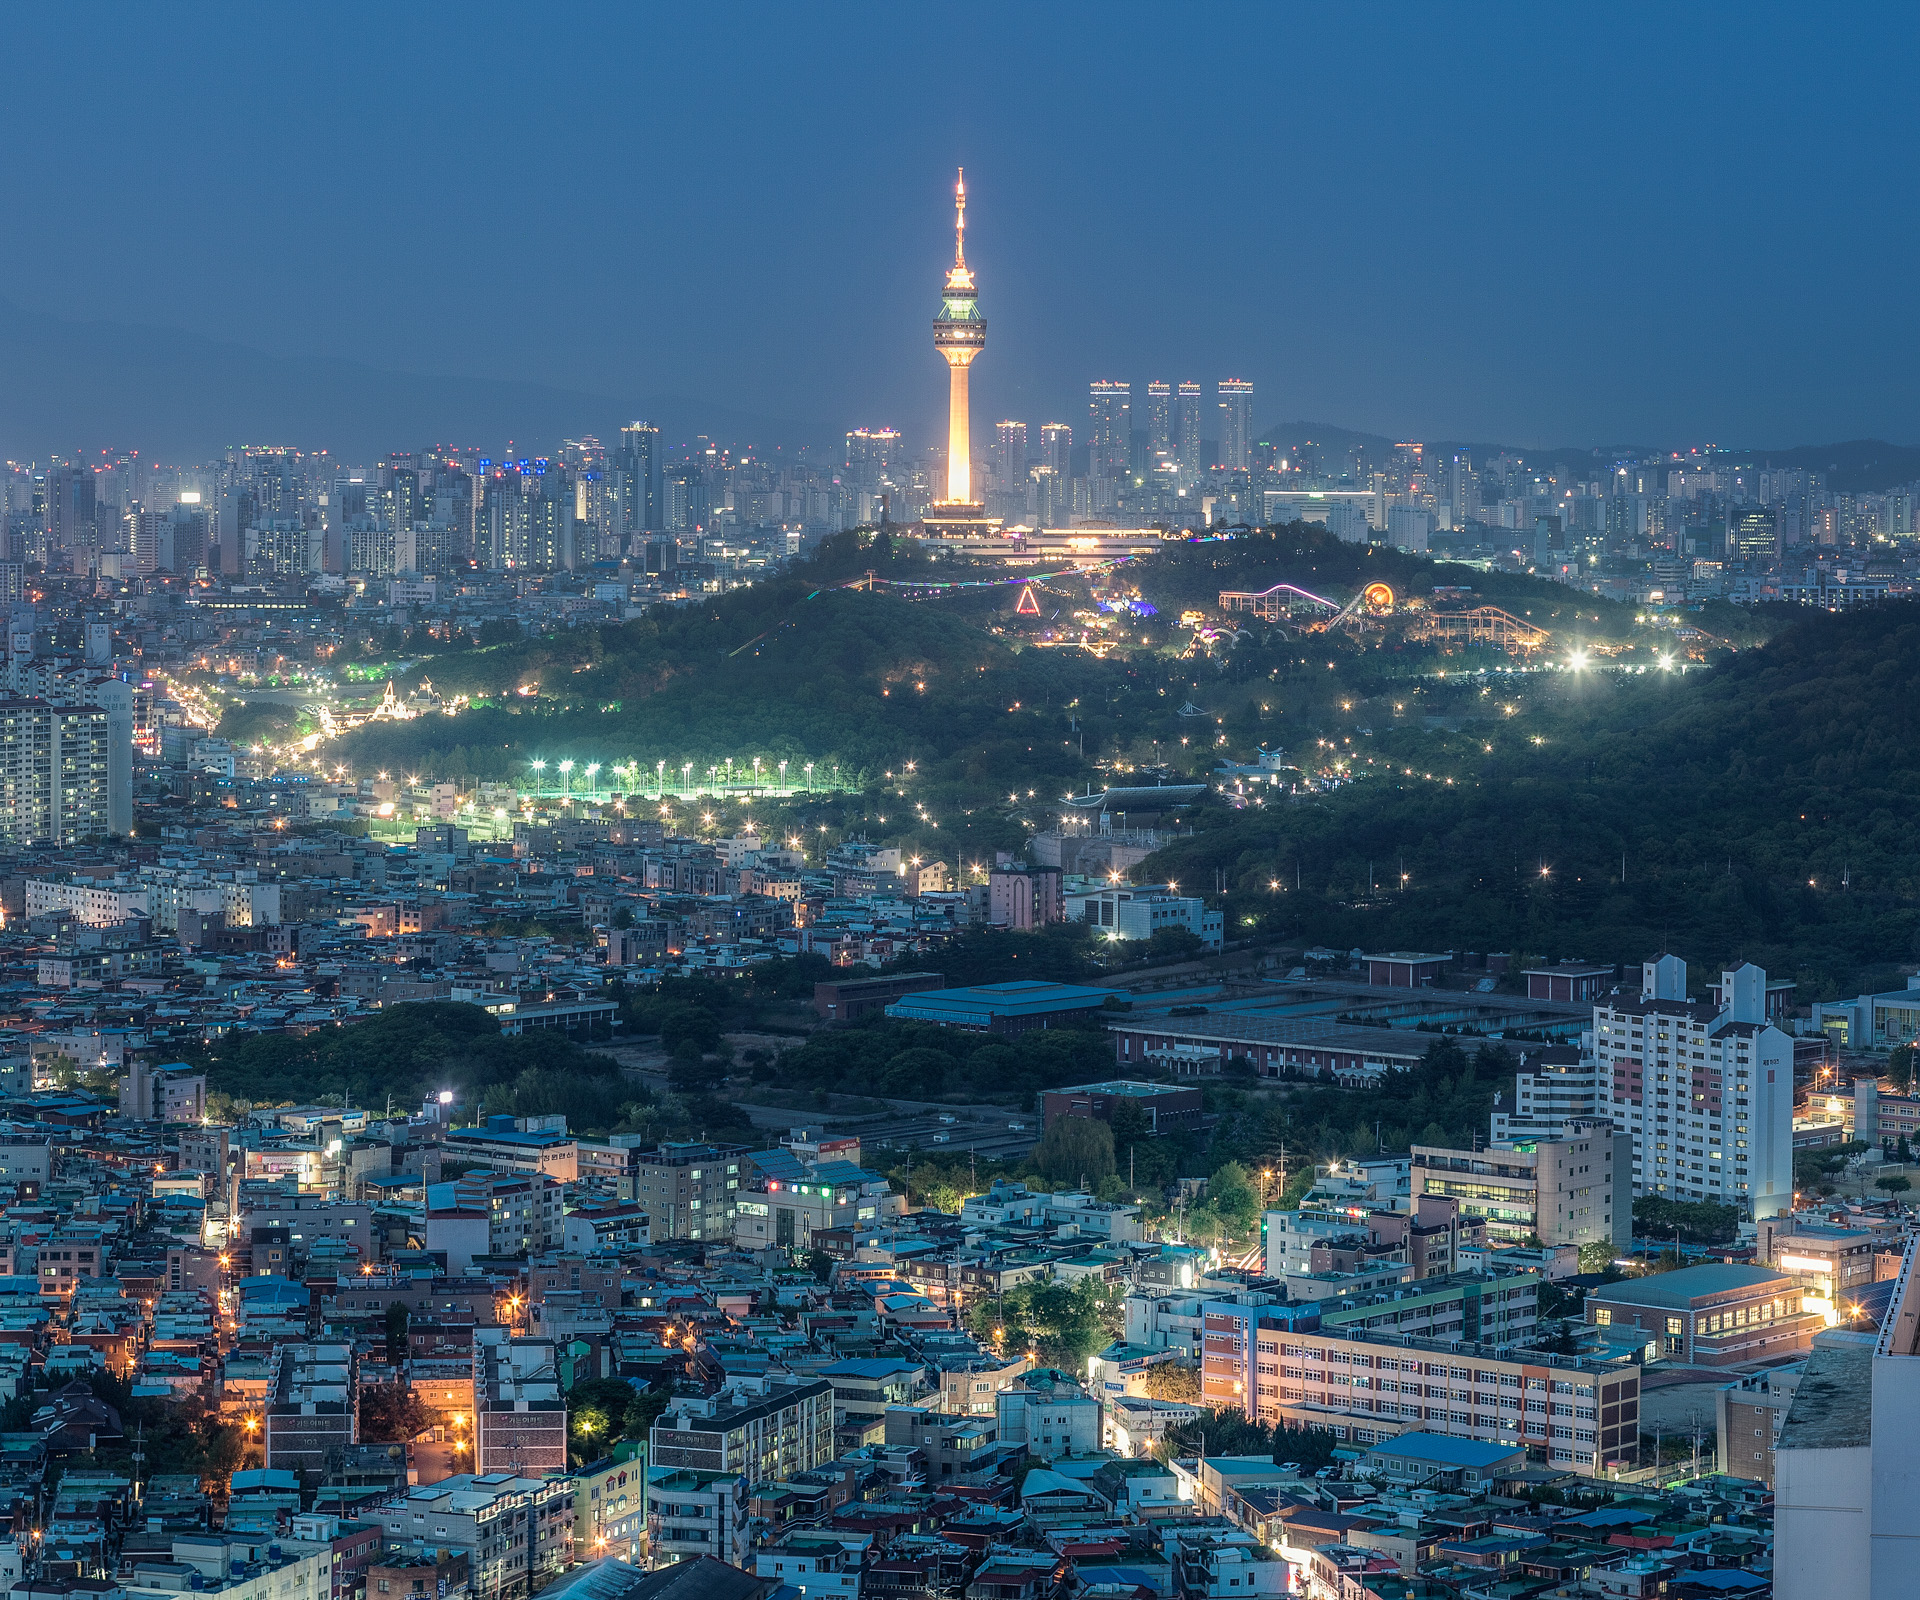 Daegu NightScape